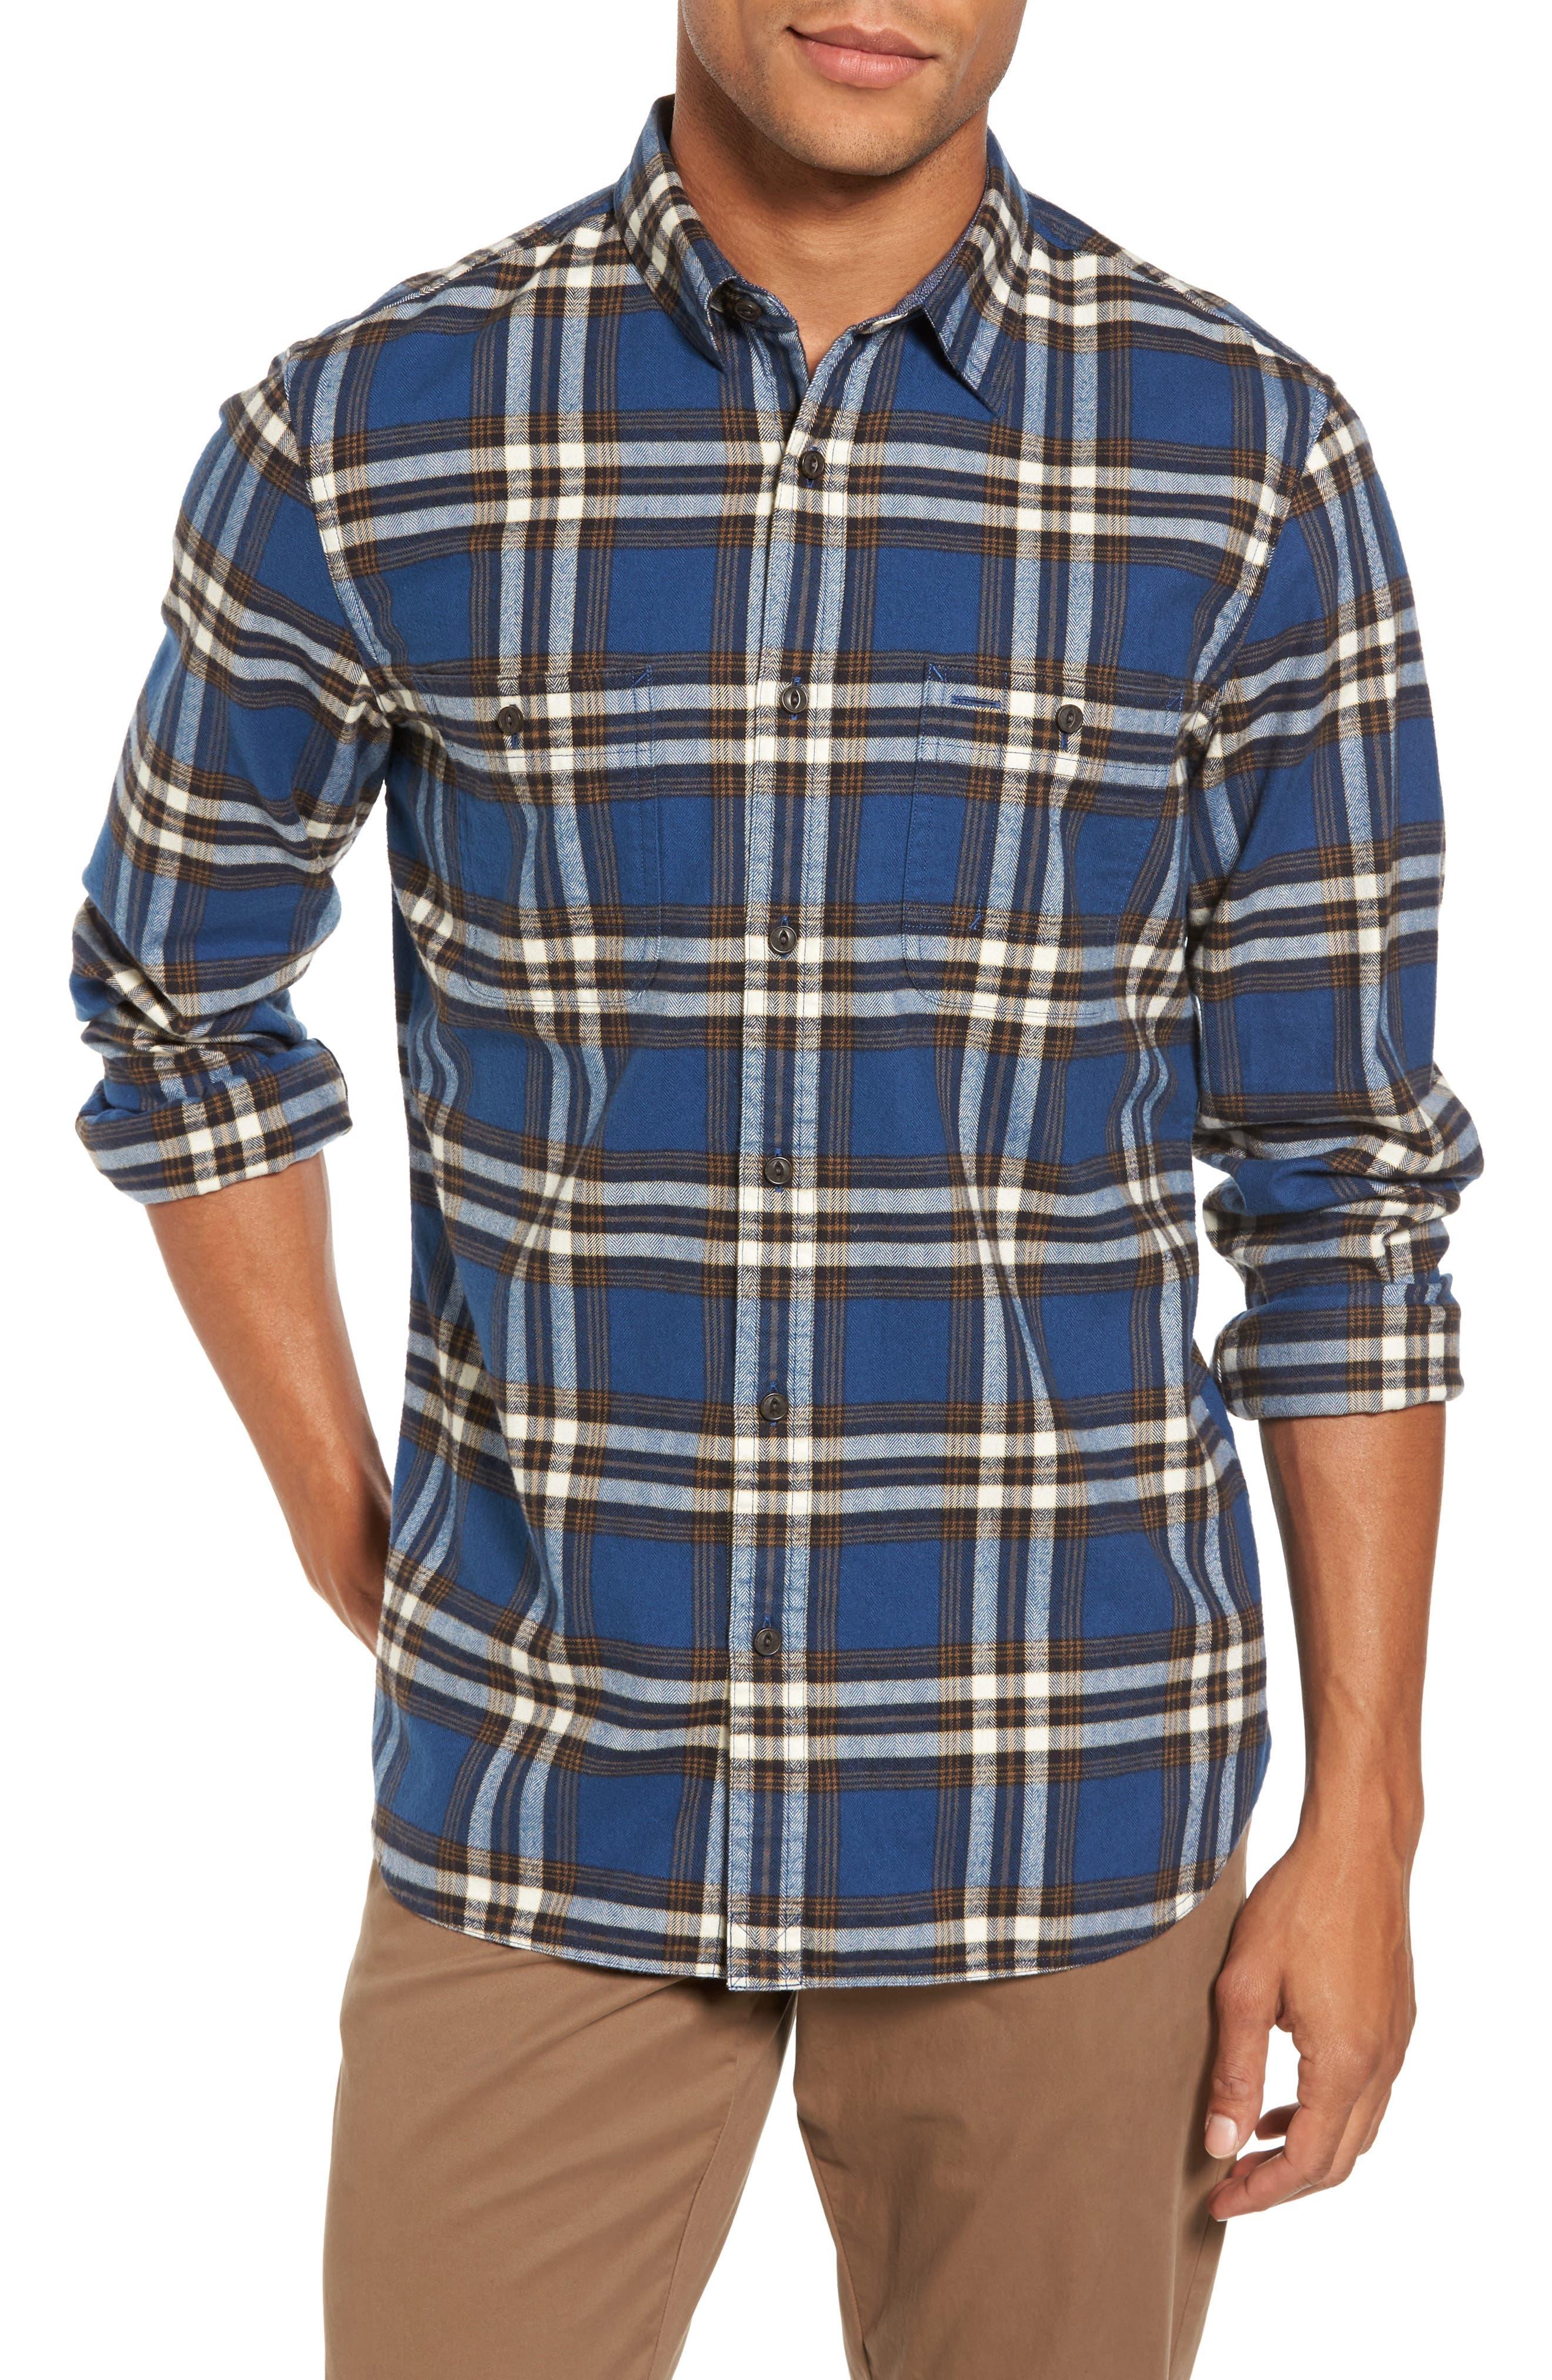 Trim Fit Workwear Check Flannel Shirt,                             Main thumbnail 1, color,                             Blue Vintage Brown Plaid